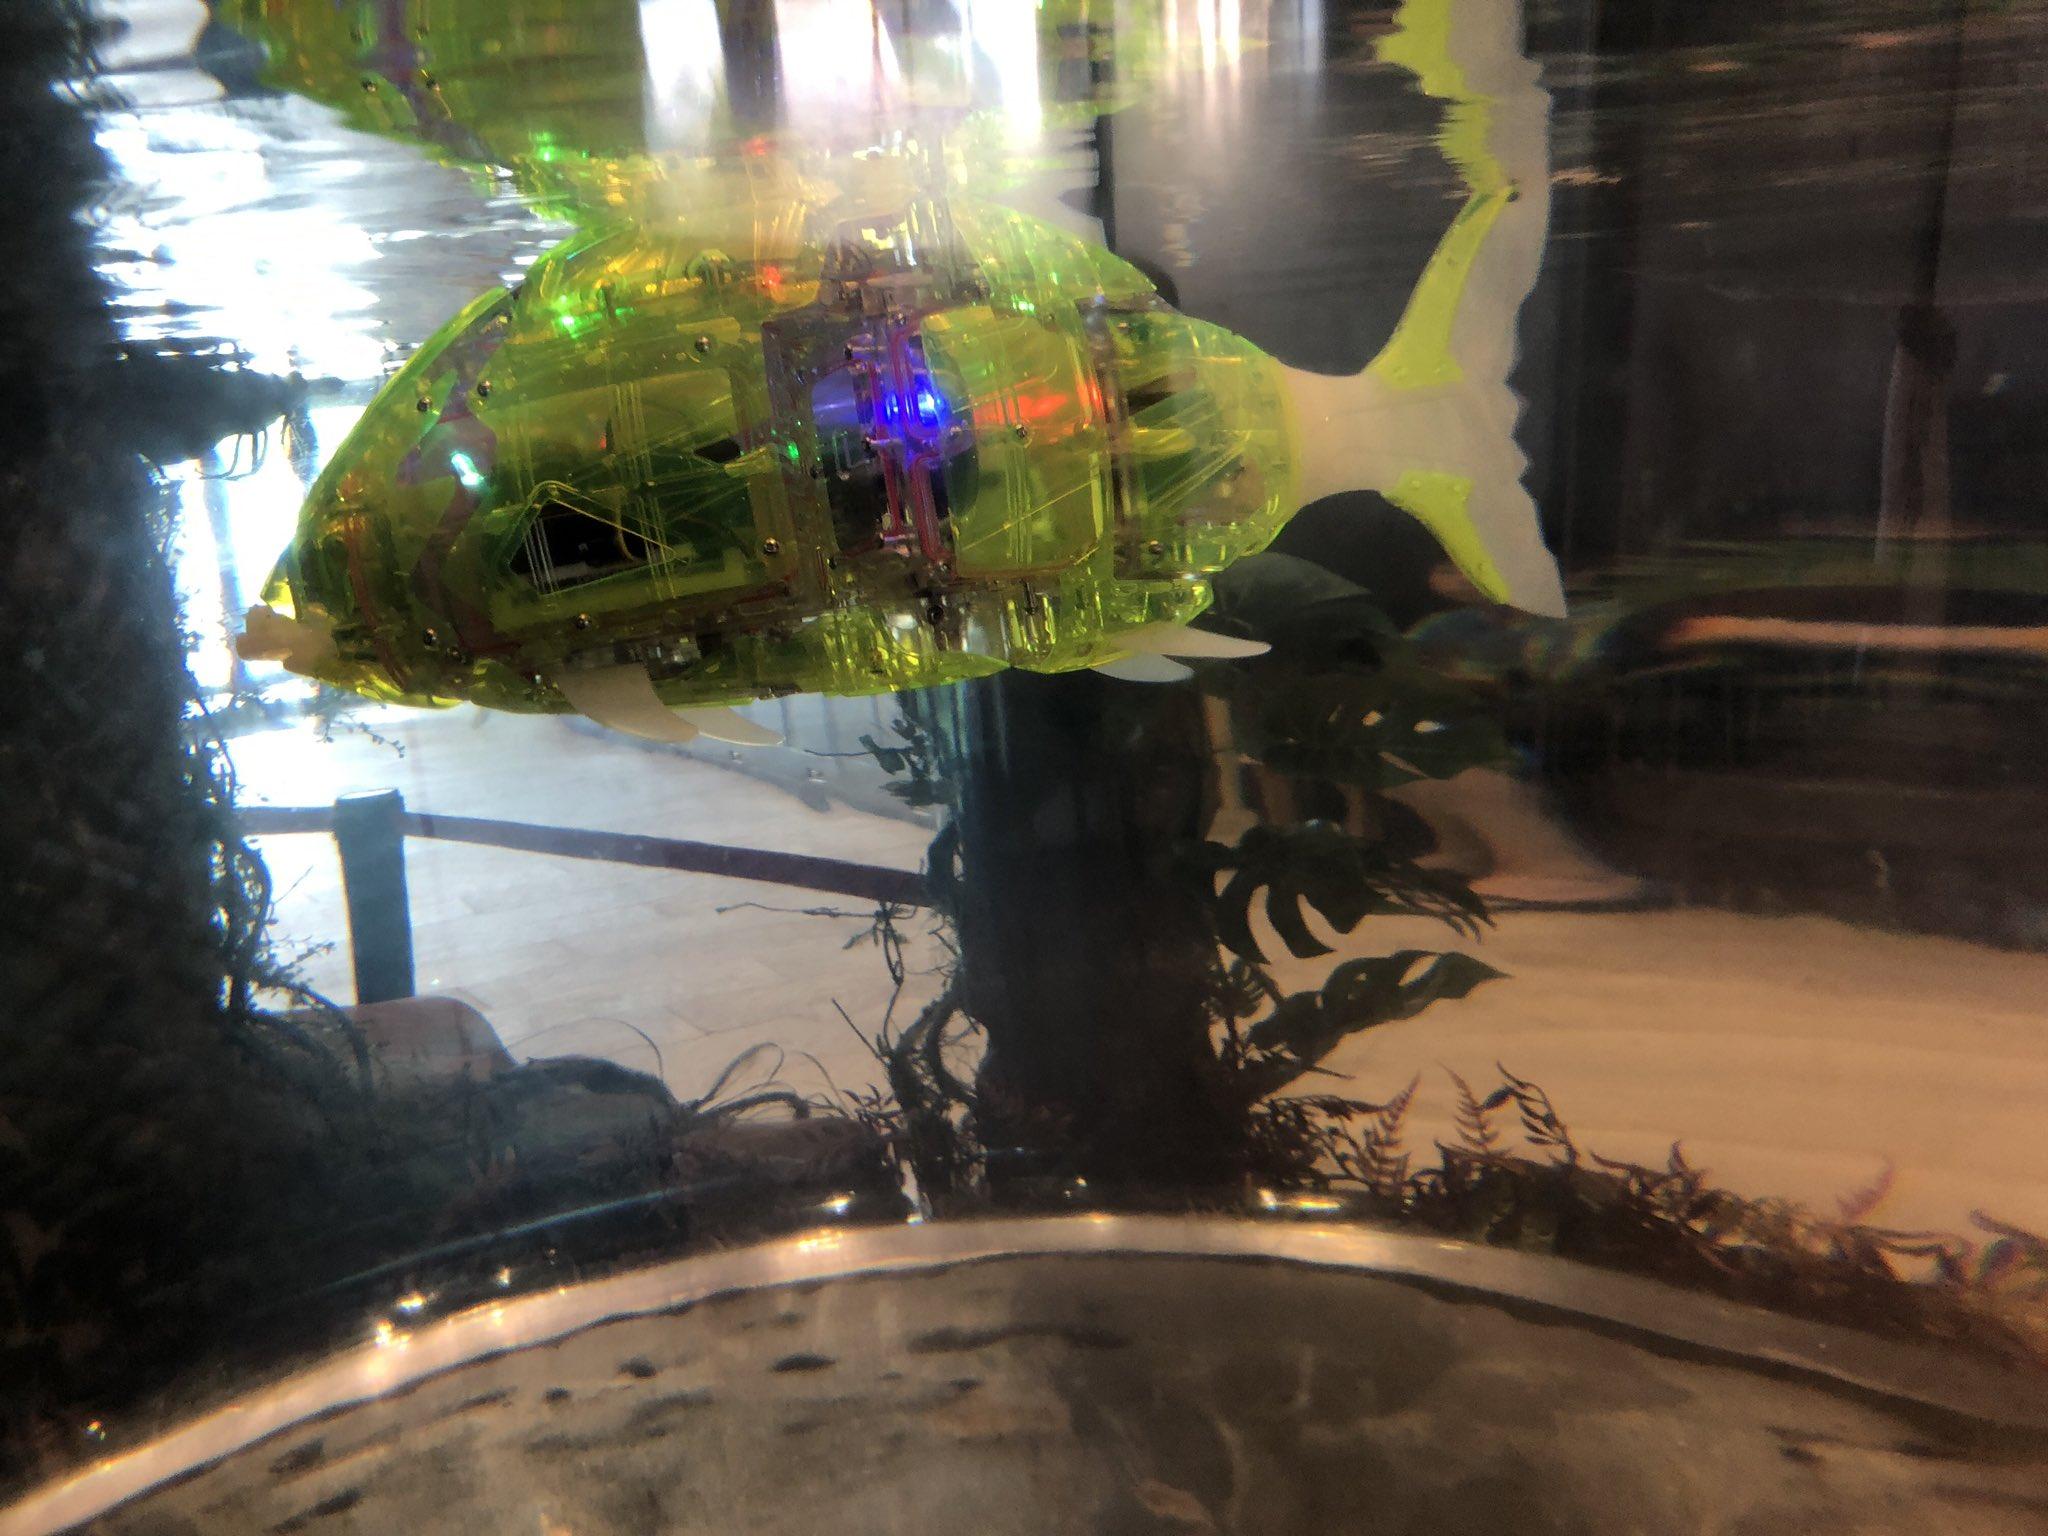 魚ロボット https://t.co/Up9iuosskK